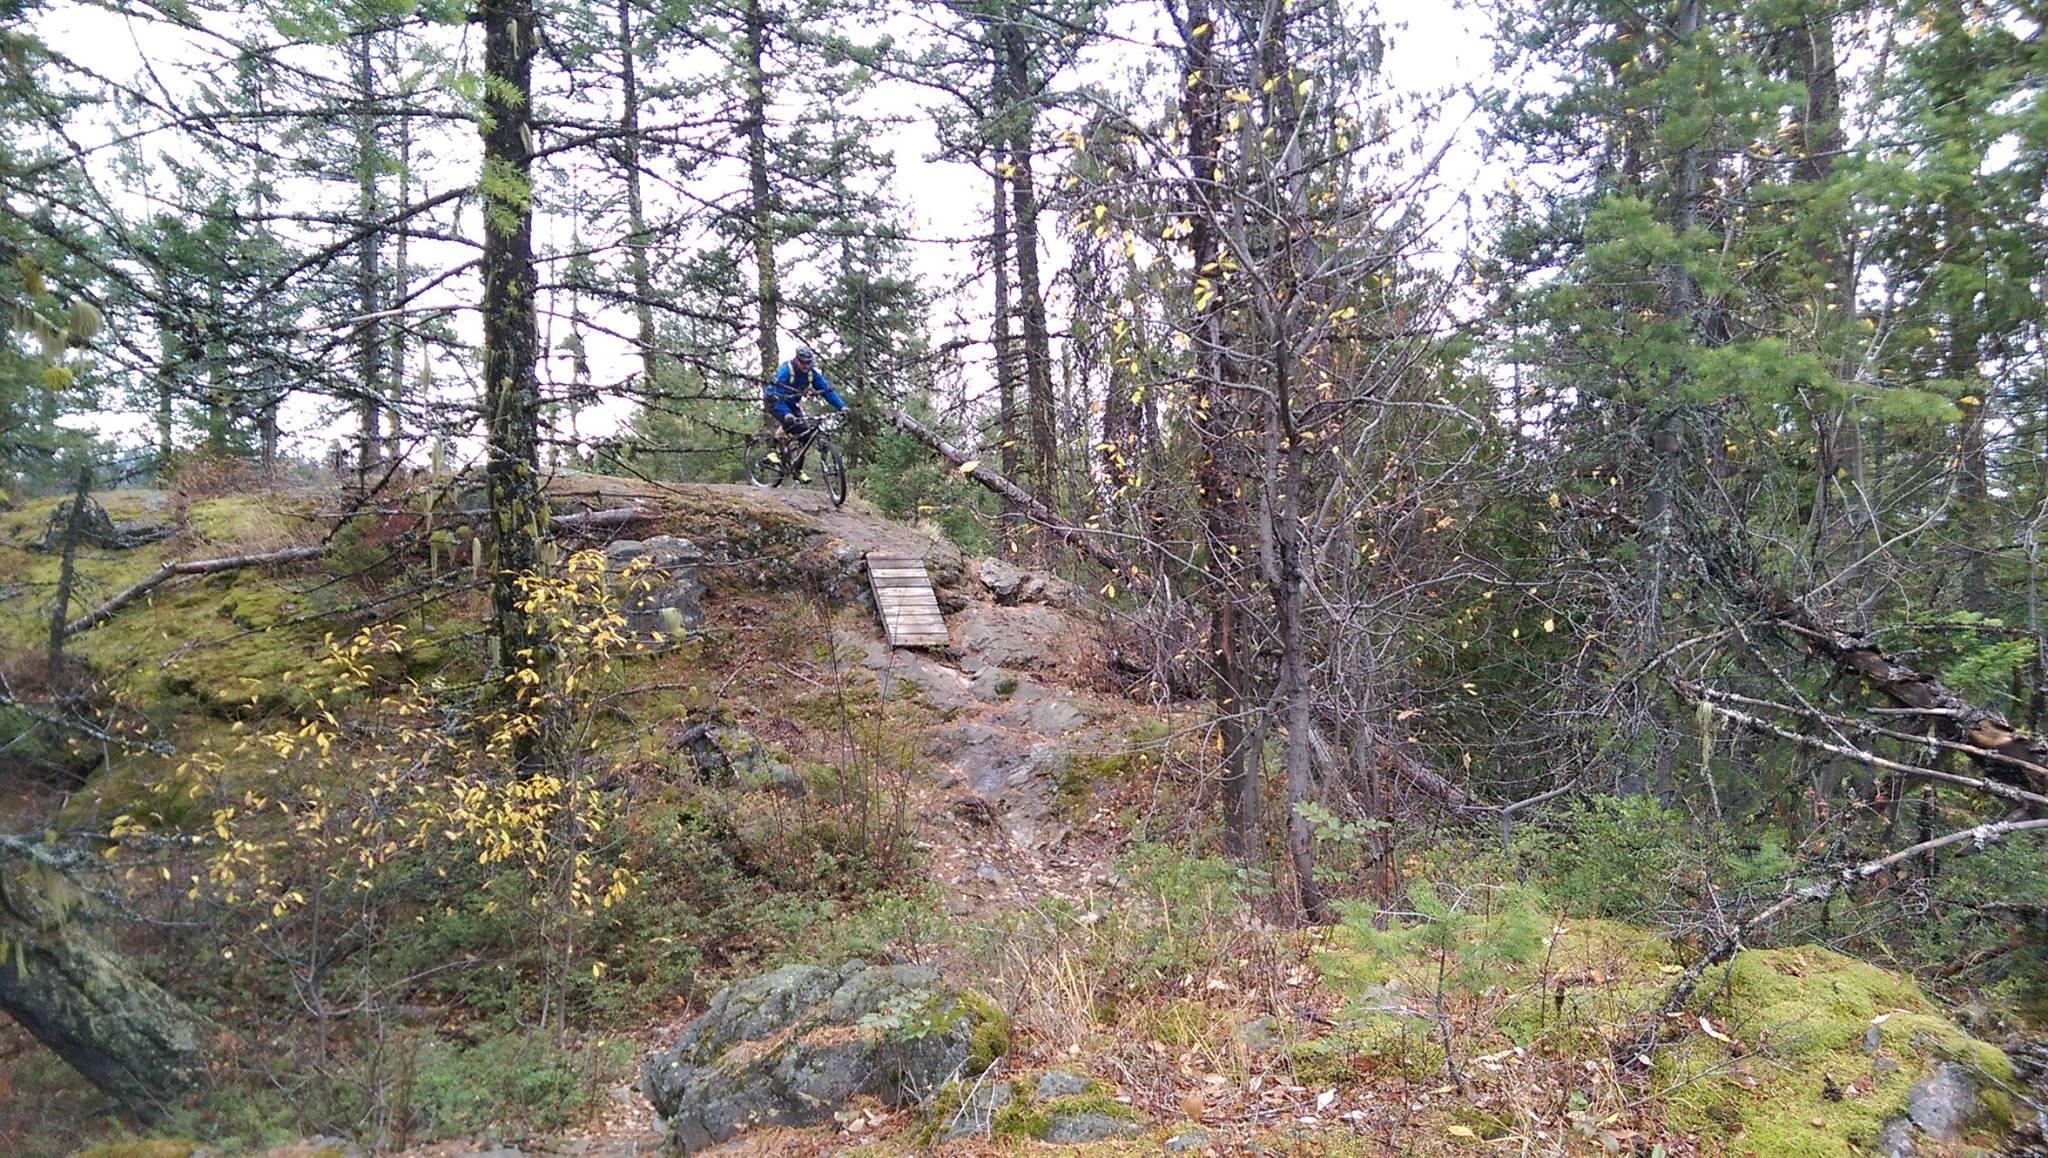 vanlife-rv-campervan-rent-idaho-sun-valley-boise-wandervans-wanderlust-skiing-snowboard-biking-hiking-outsidevan-Wandervans-rosslan-british-columbia-canada